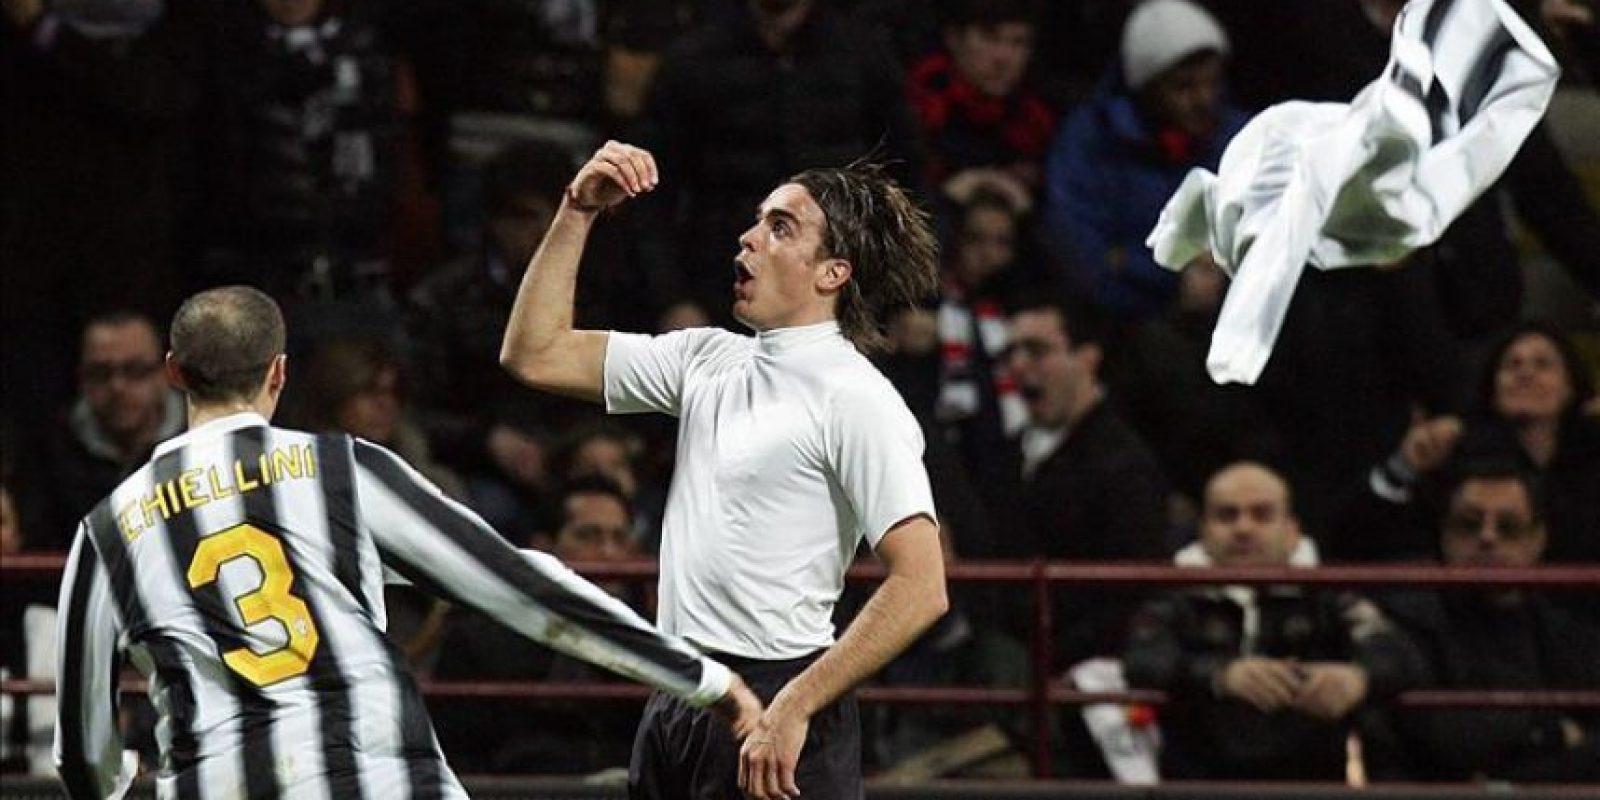 El jugador de la Juventus Alessandro Matri celebra su gol ante el Milán durante el partido de la Serie A italiana en el estadio Giuseppe Meazza de Milán (Italia). EFE